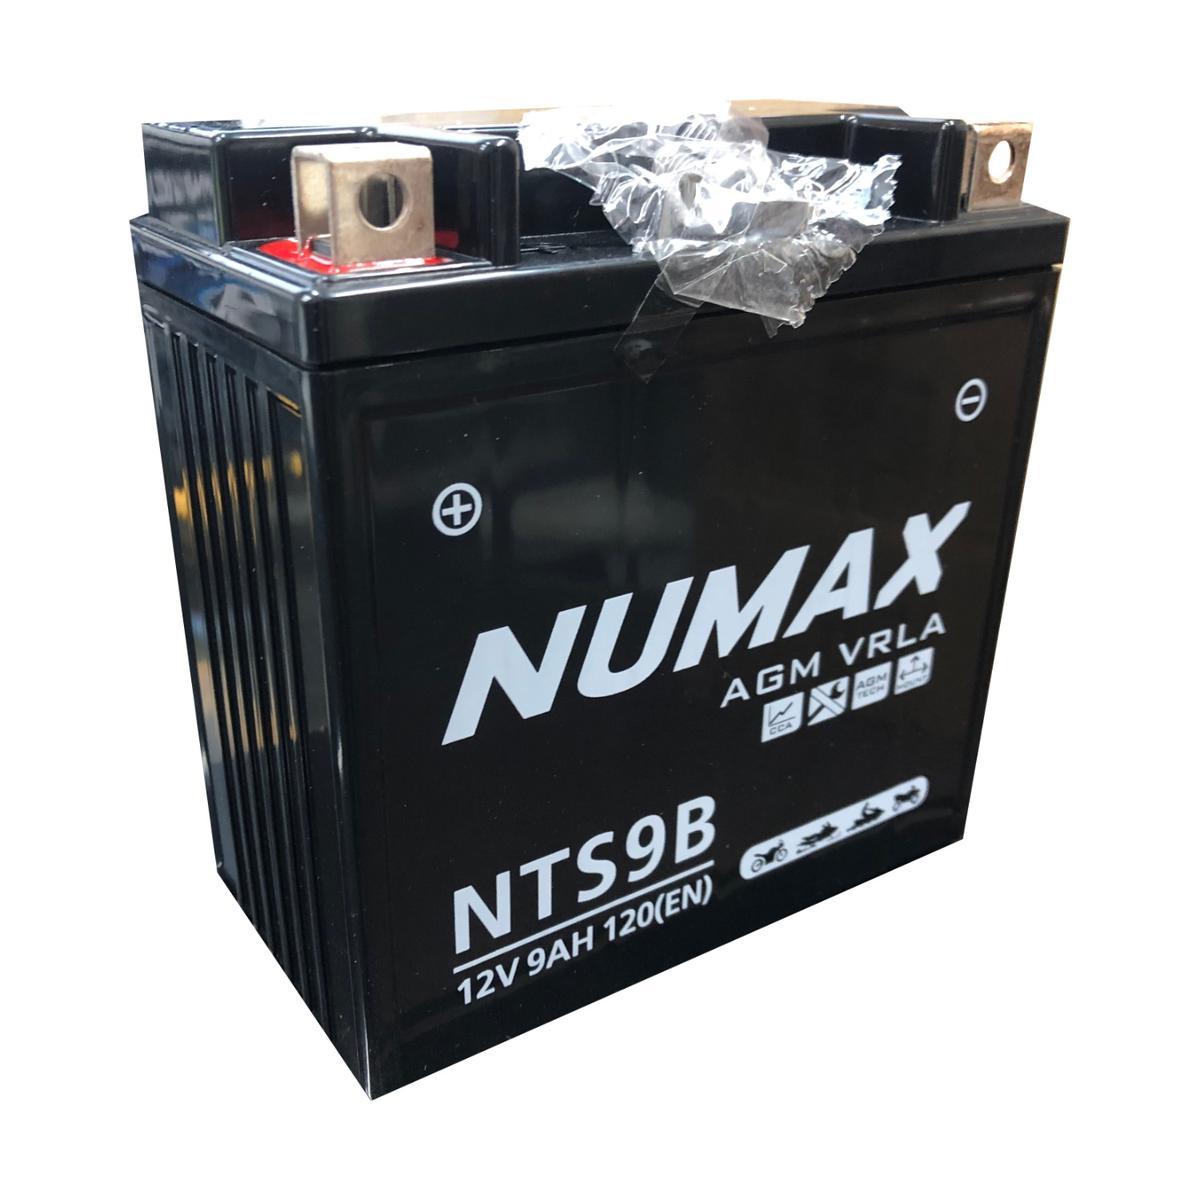 Numax NTS9B 12v Bike Motorbike Motorcycle Battery VESPA 200cc PX YB9L-B